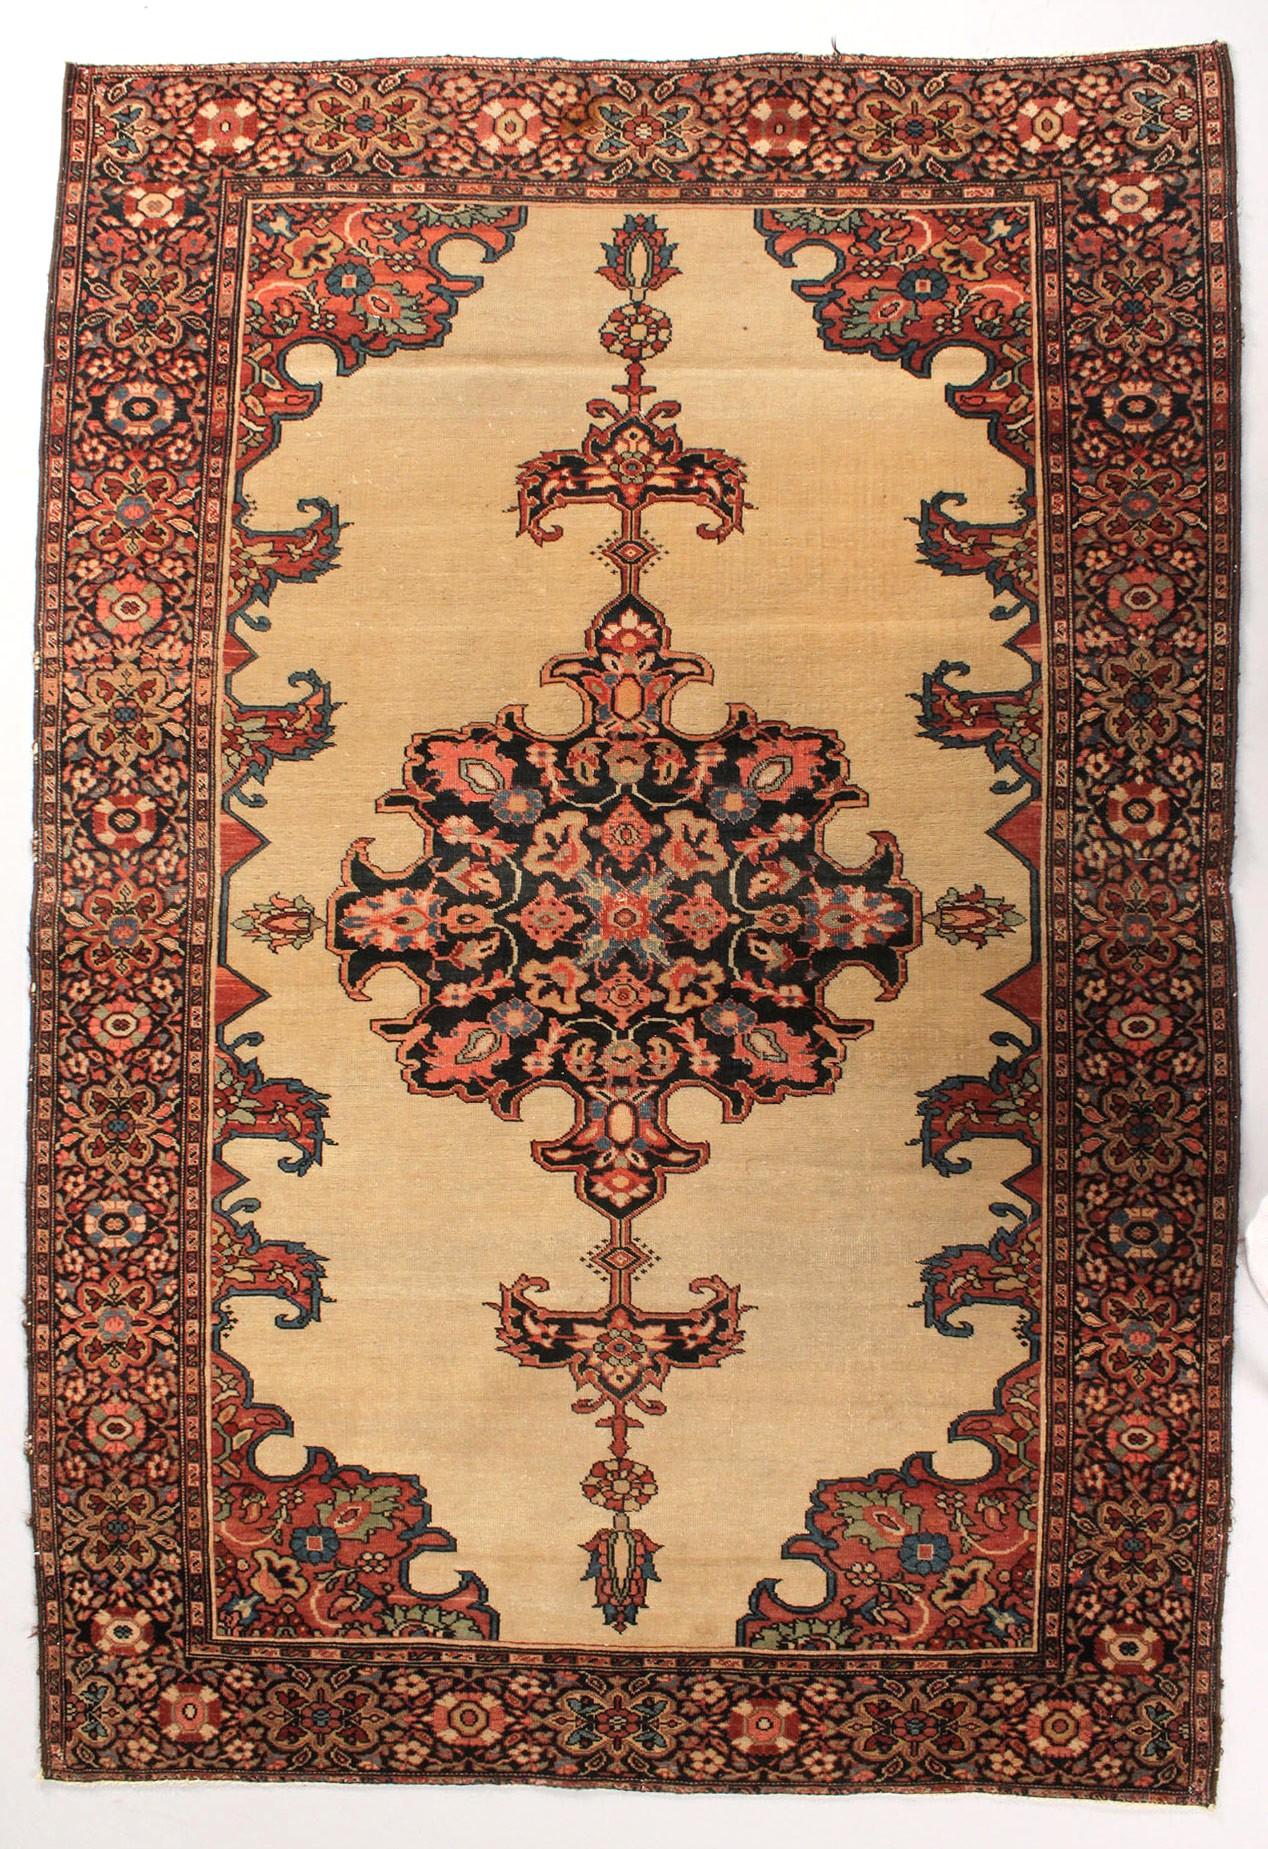 Lot 638: Farahan Sarouk Rug, Persia